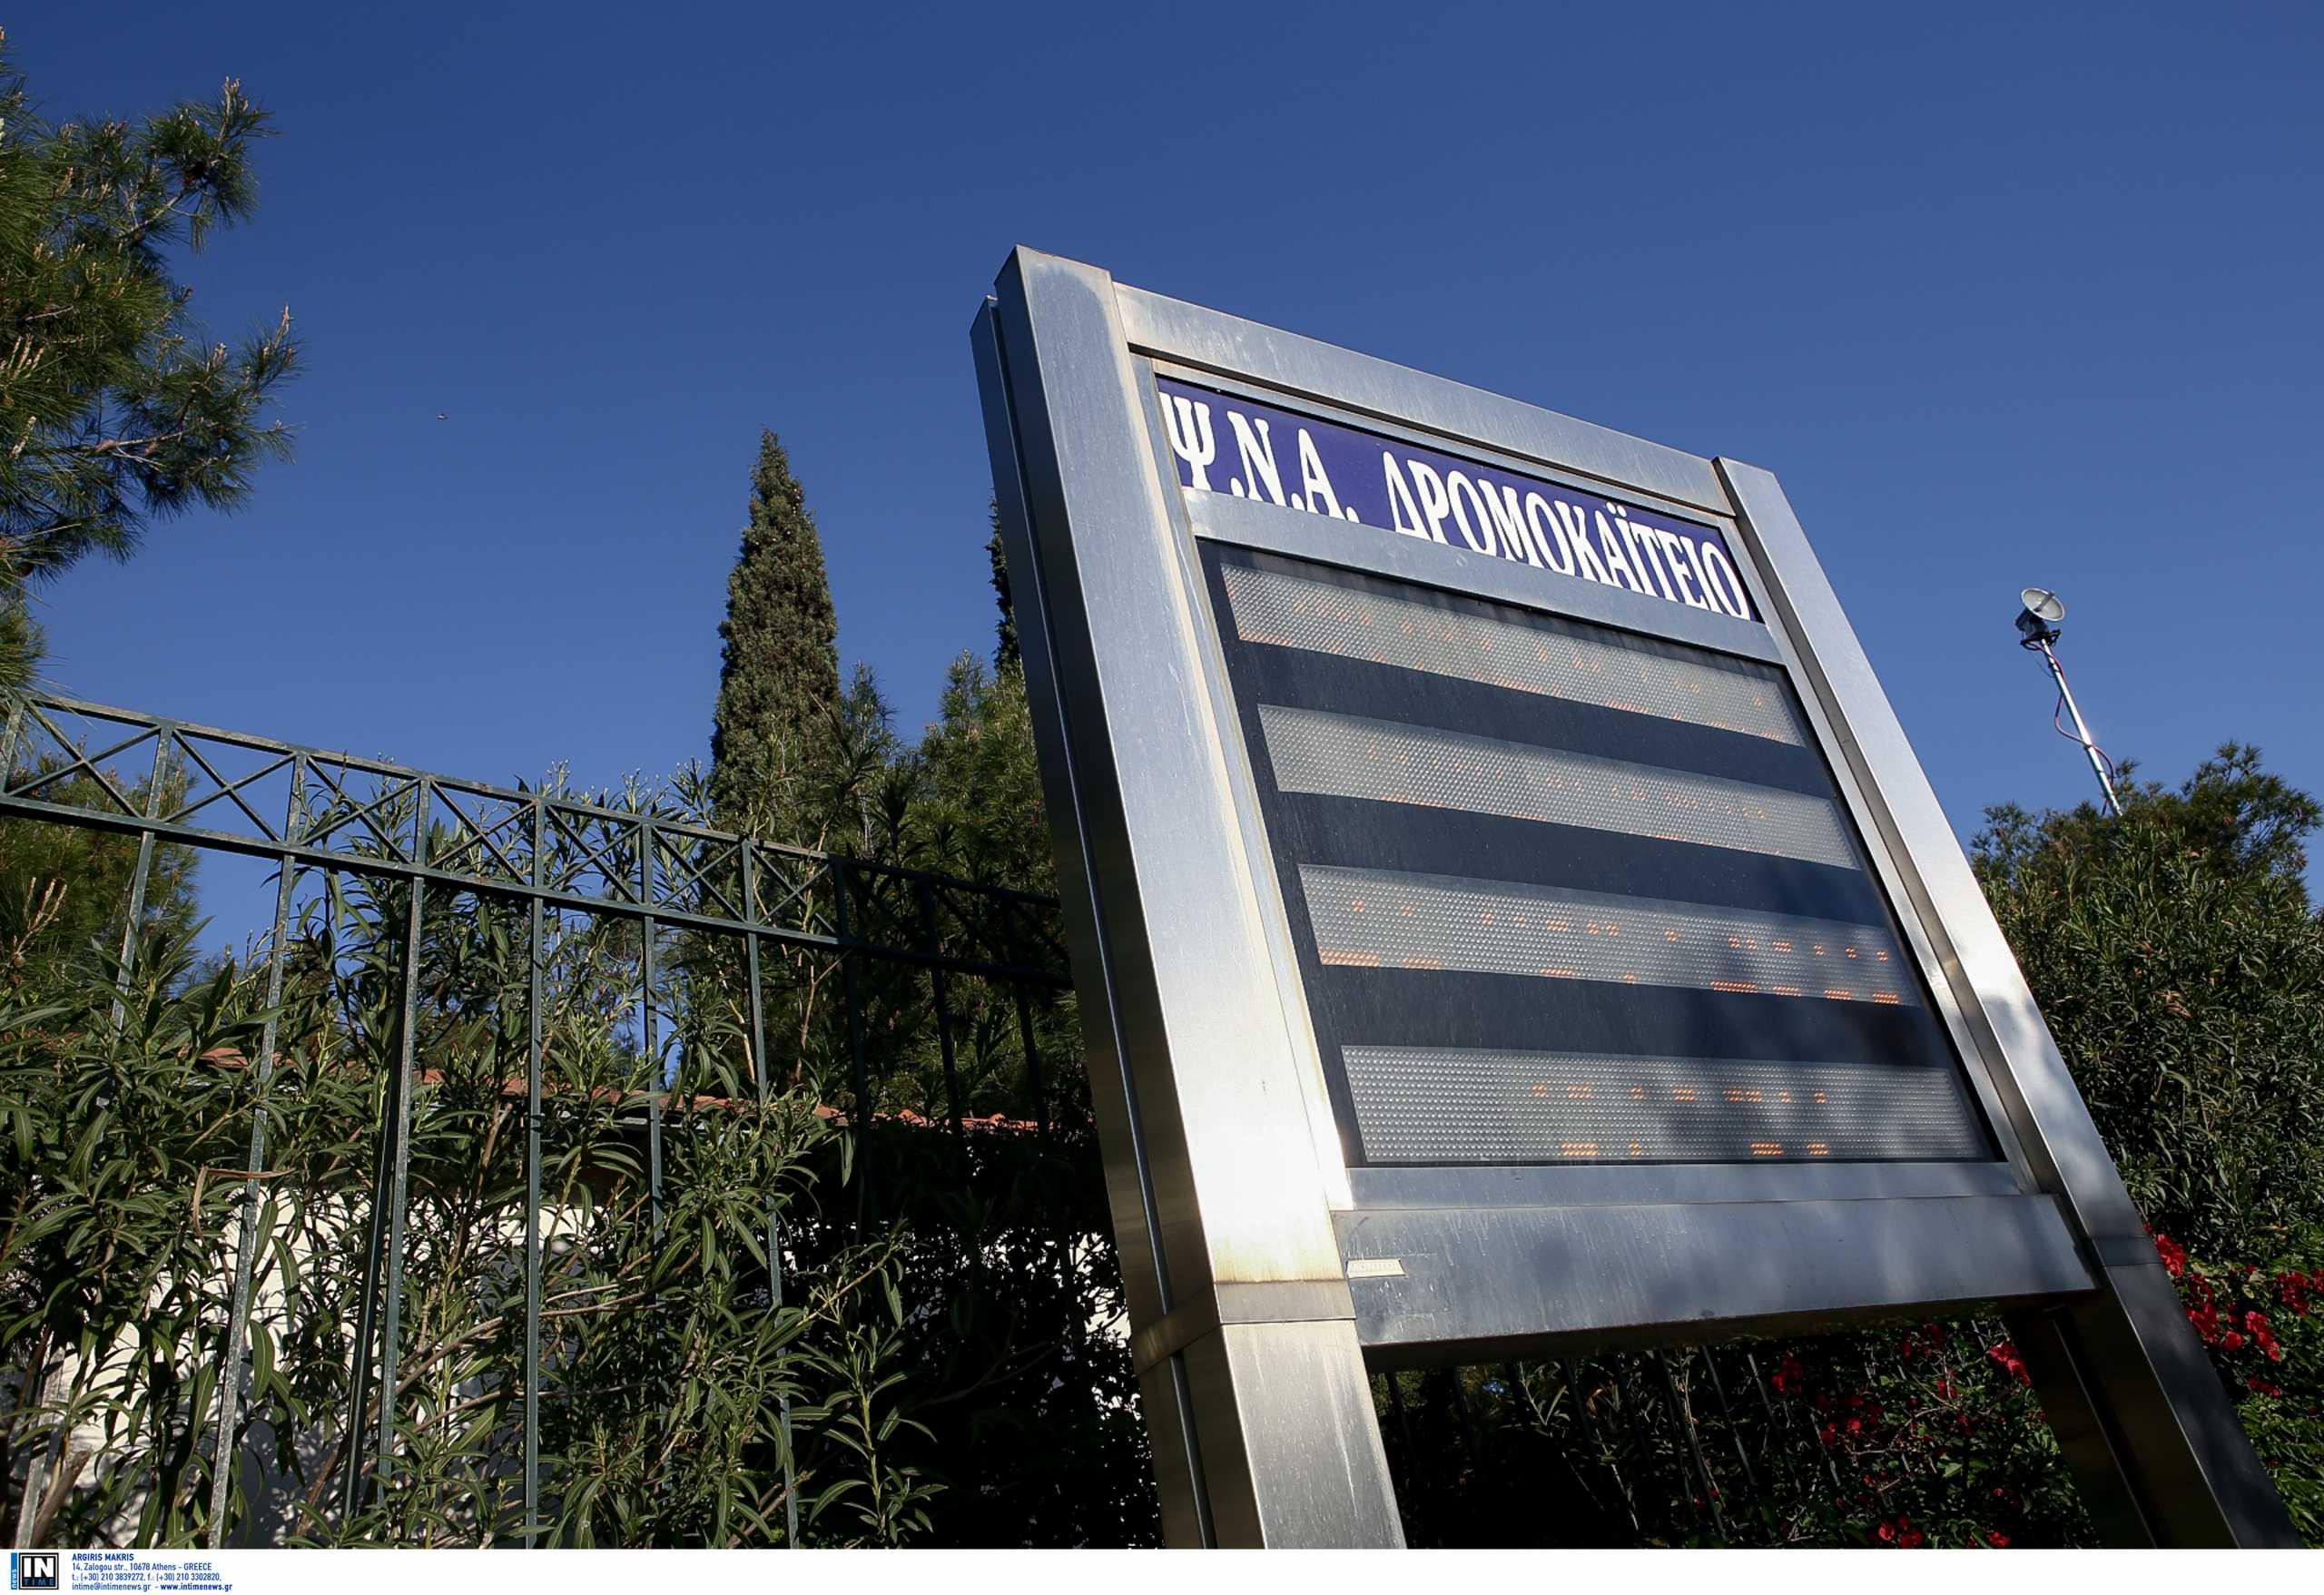 Δρομοκαΐτειο: Ψυχίατρος καλούσε ασθενείς να μην εμβολιαστούν κατά του κορονοϊού –Τι καταγγέλλουν οι εργαζόμενοι